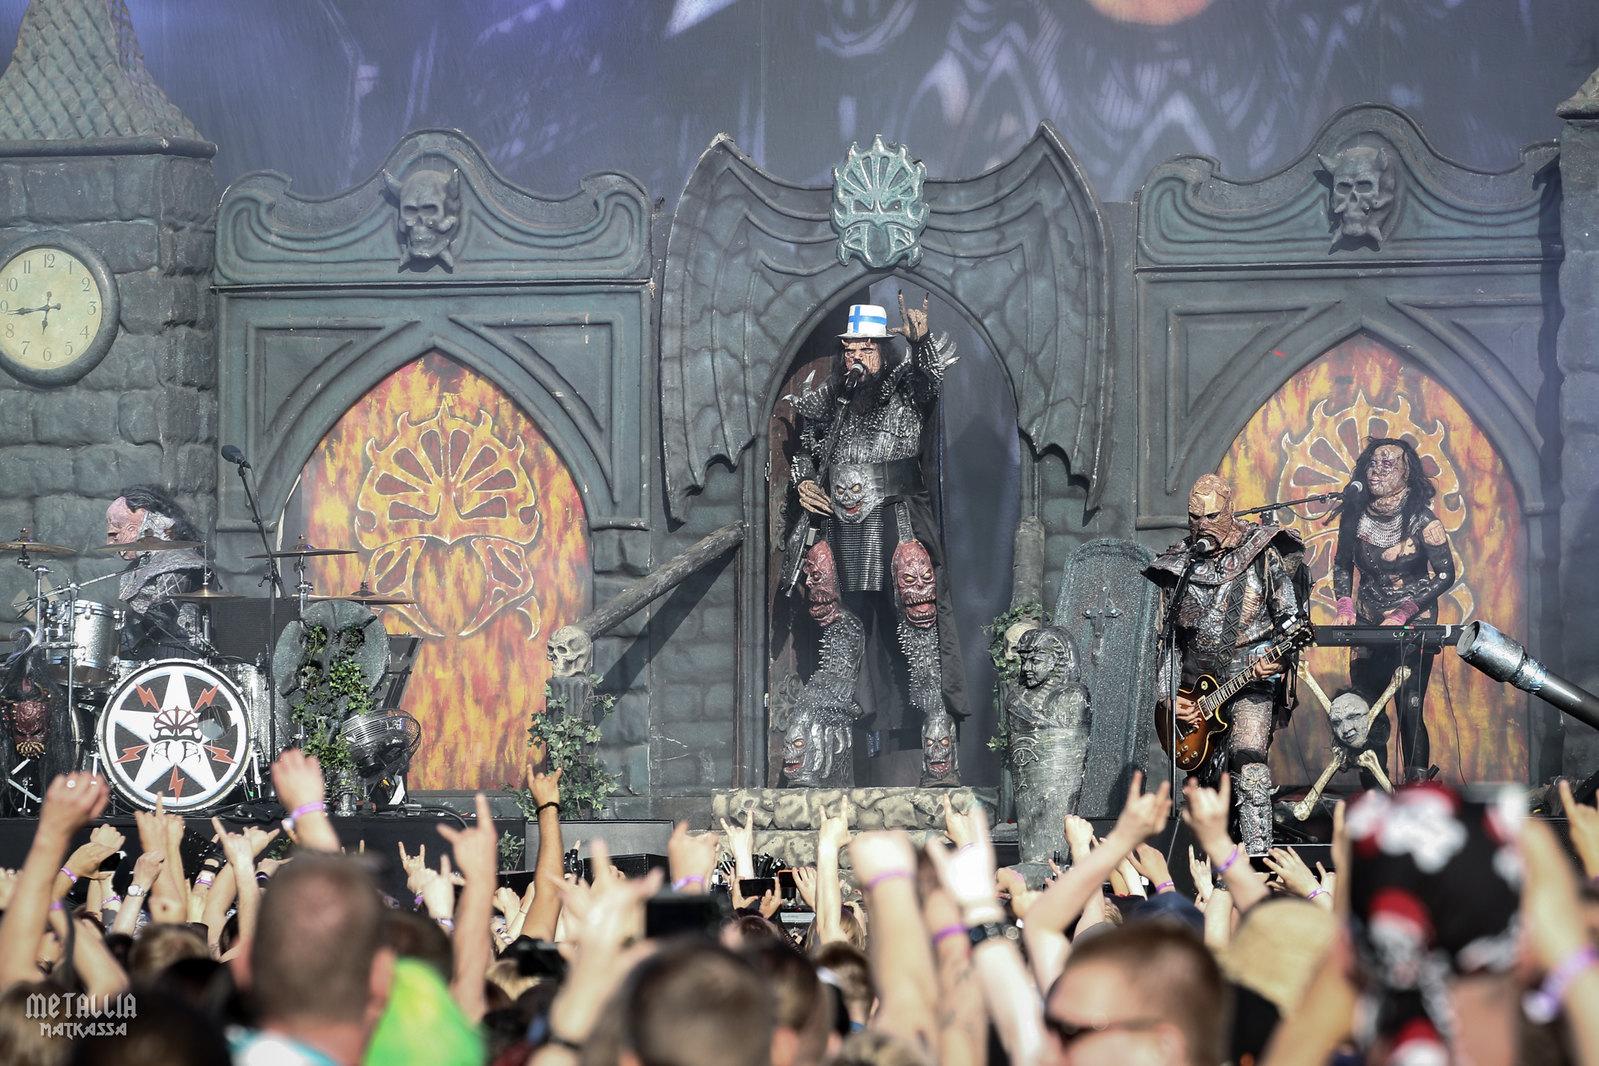 tuska 2016, tuska metal festival, tuska festival, hellsinki for headbangers, lordi, finnish metal festivals, metal festival, finnish metal